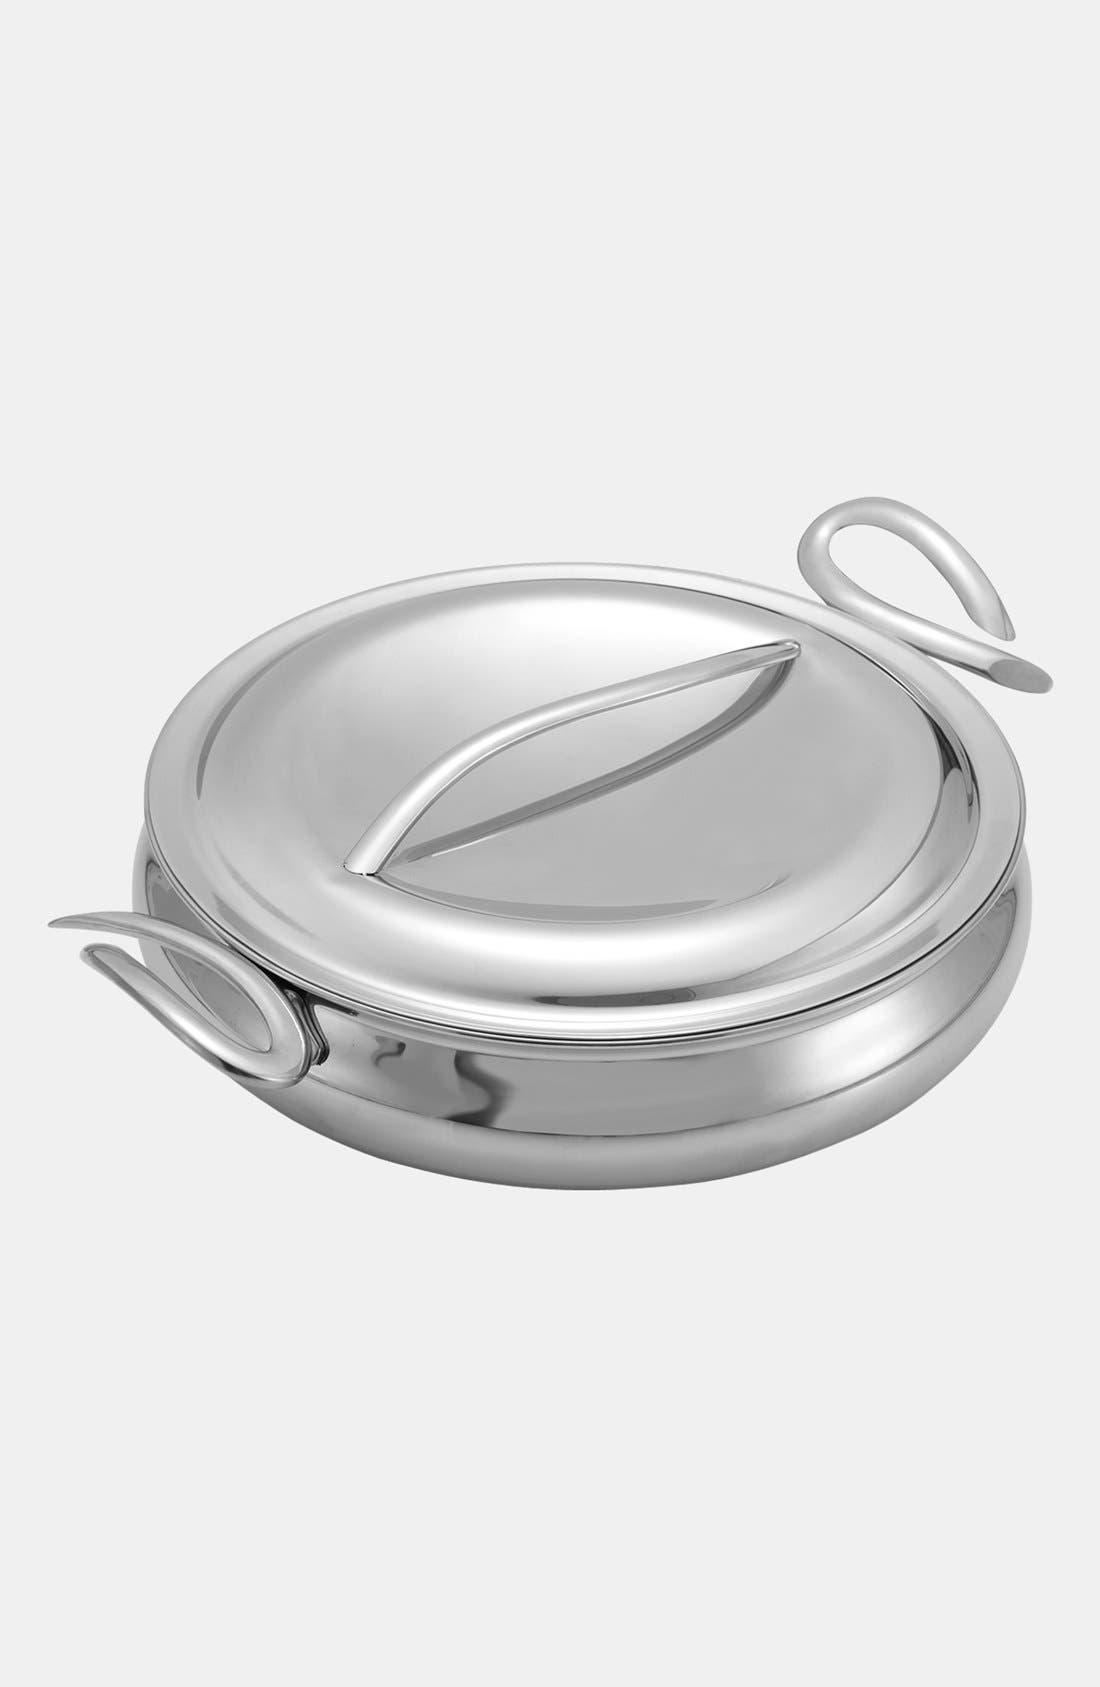 Main Image - Nambé 'CookServ' 14 Inch Sauté Pan